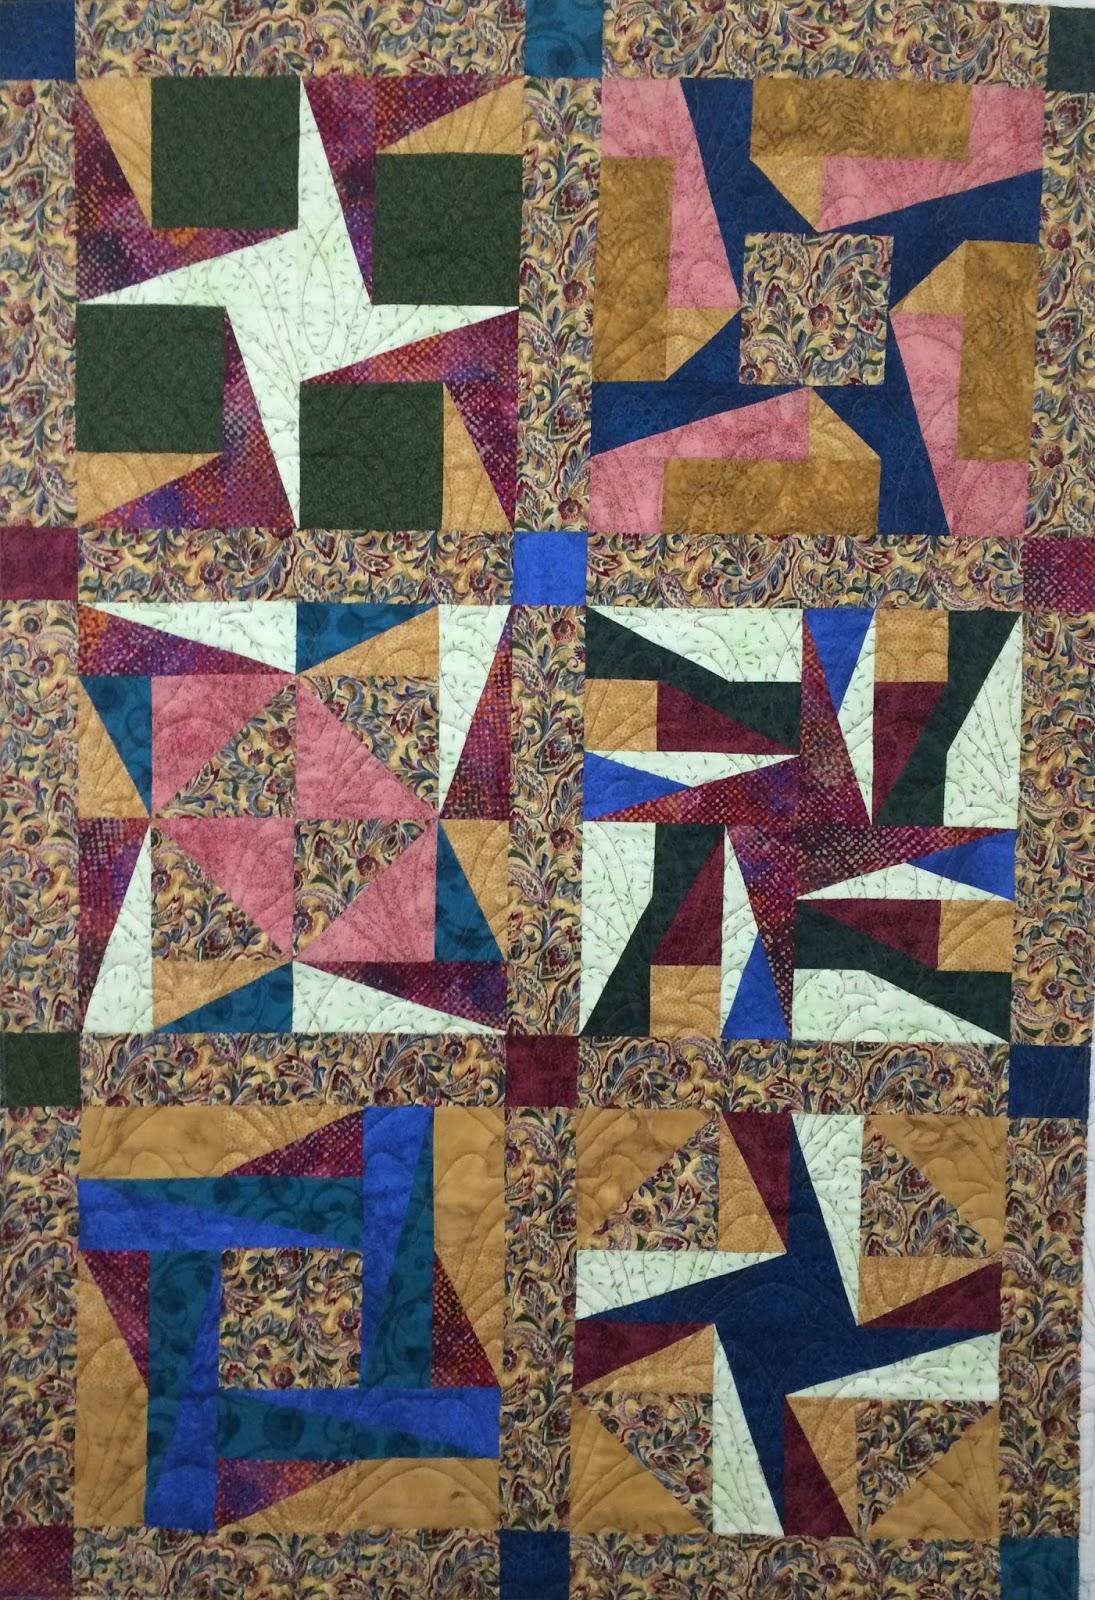 Lynne Capps's Sampler Quilt